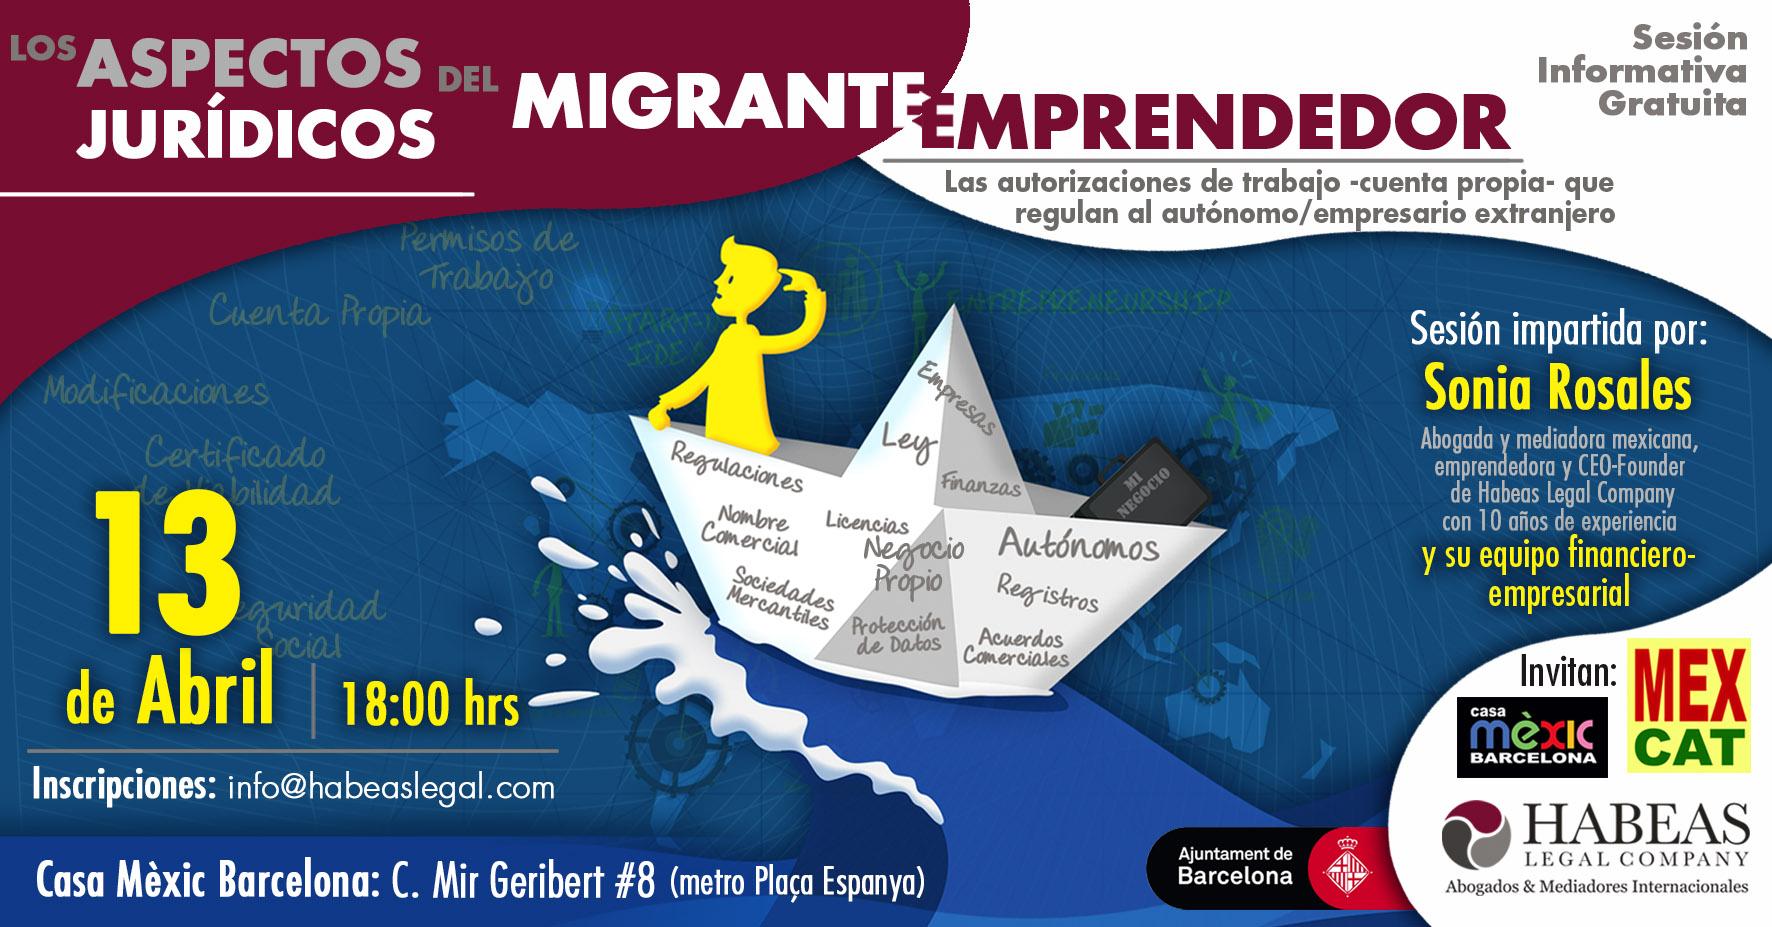 """Aspectos Jurídicos Emprendedor ABR evento FB - """"Los aspectos jurídicos del migrante emprendedor"""": sesión informativa gratuita -Abril-"""